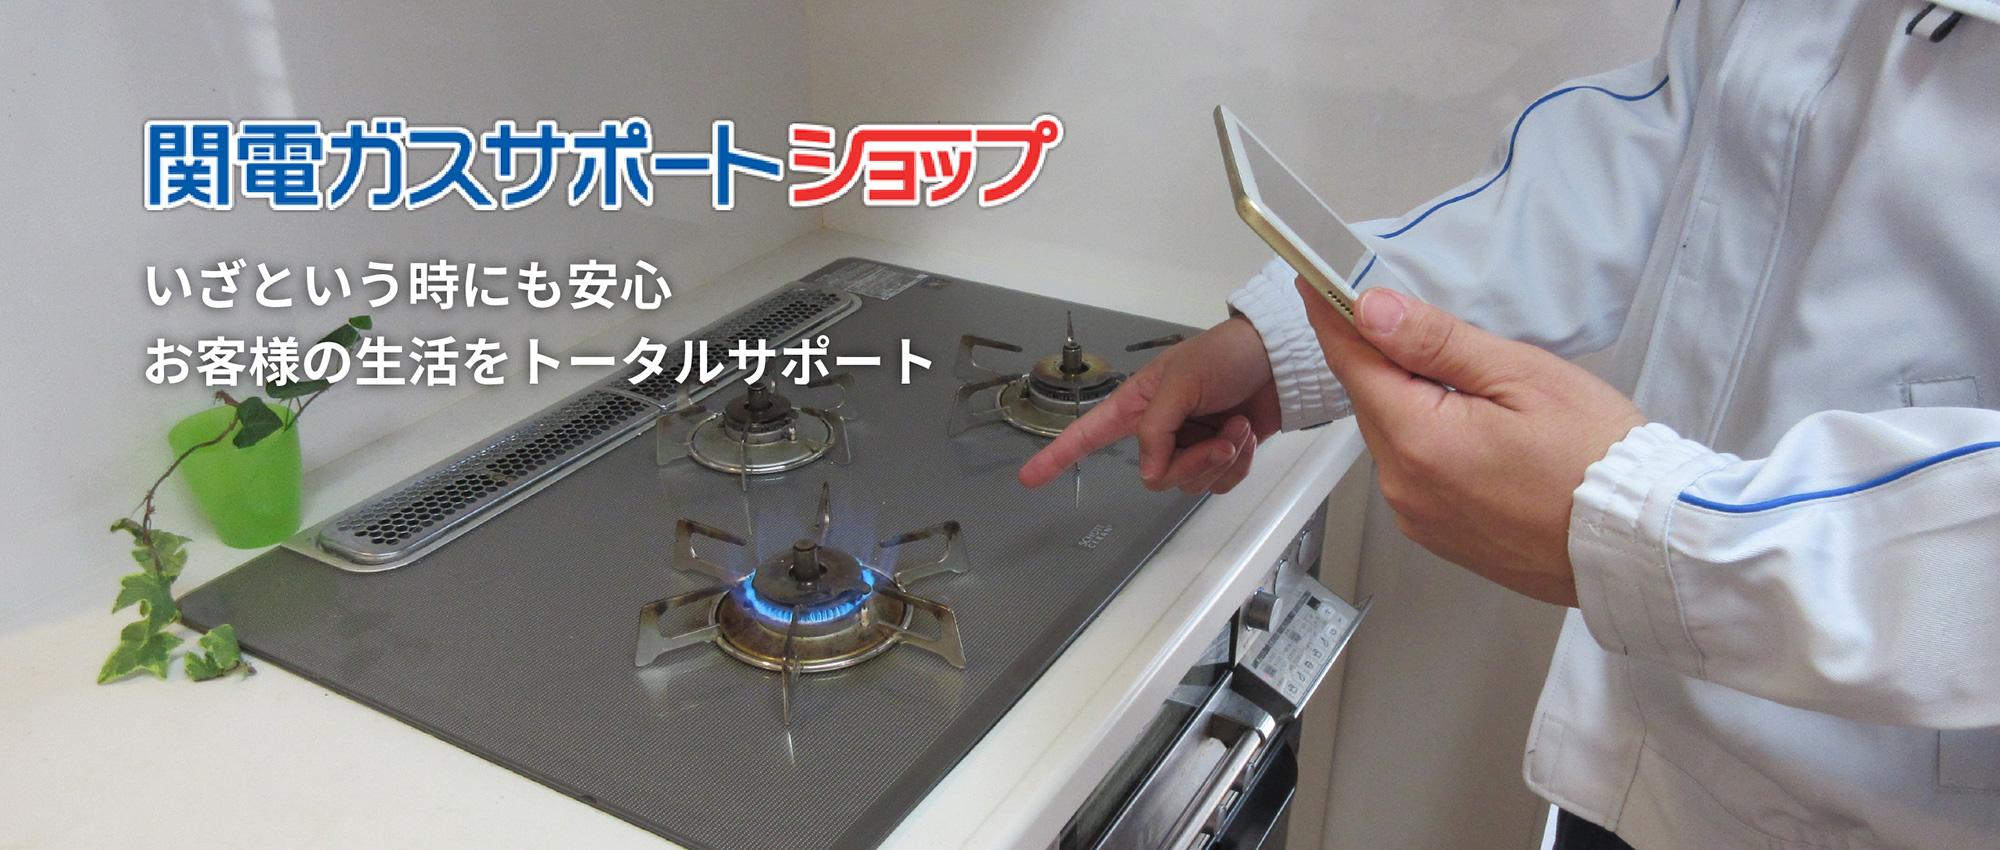 ガス 解約 関電